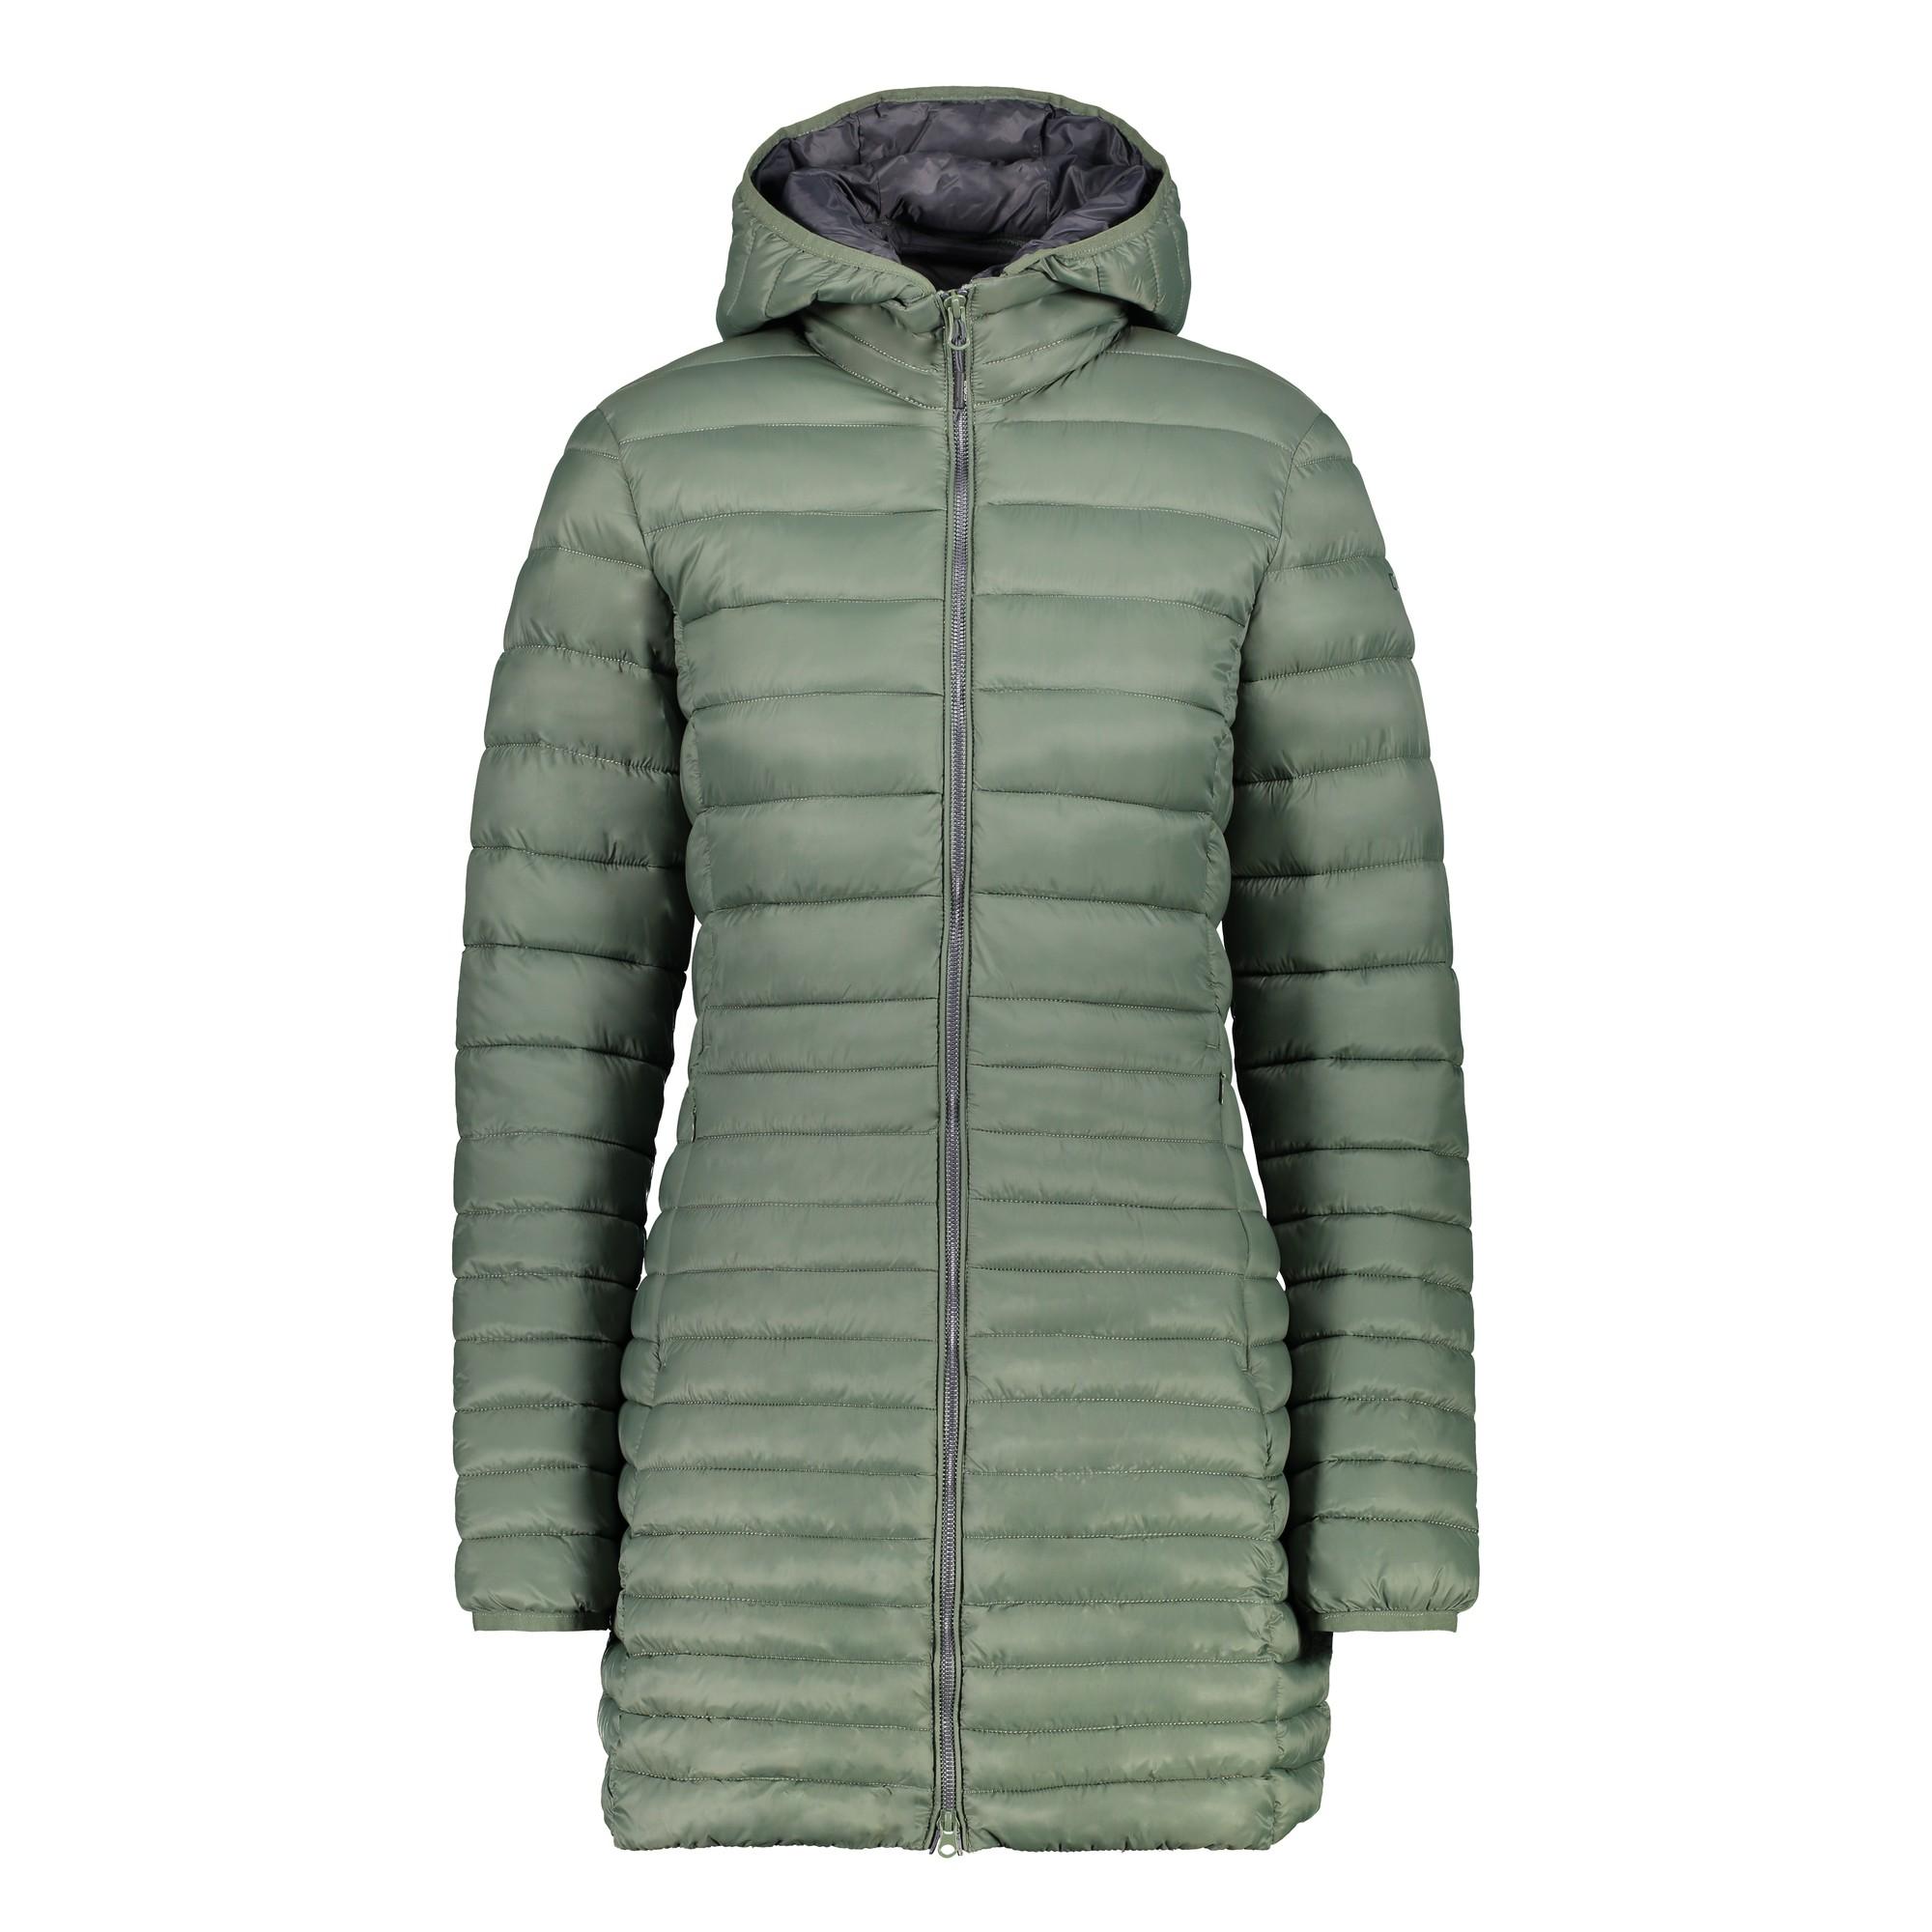 Zu Woman Grün Parka Wärmend Jacke Details Cmp Zip Hood Outdoorjacke Winddicht kZuTOXwiPl